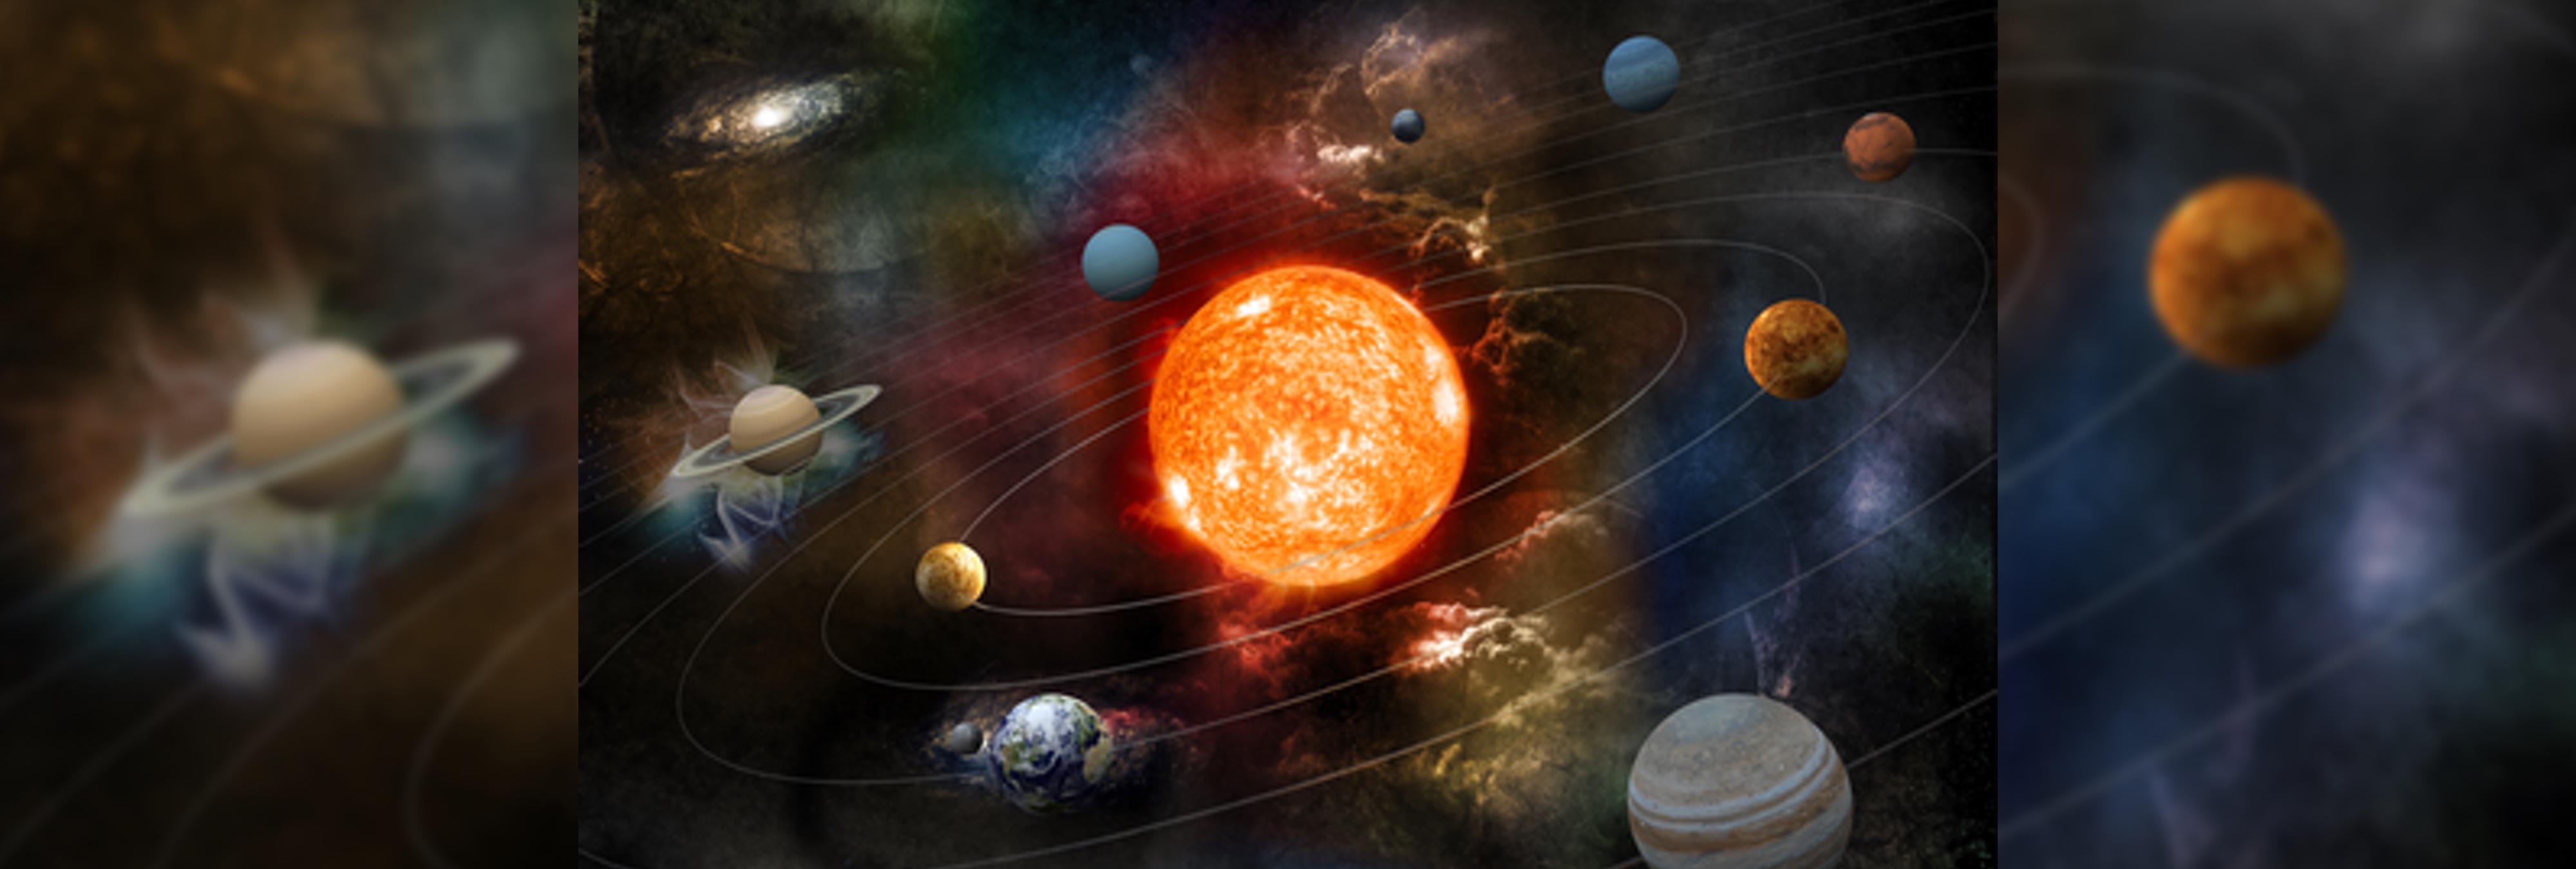 Esta curiosa teoría asegura que el universo es un holograma